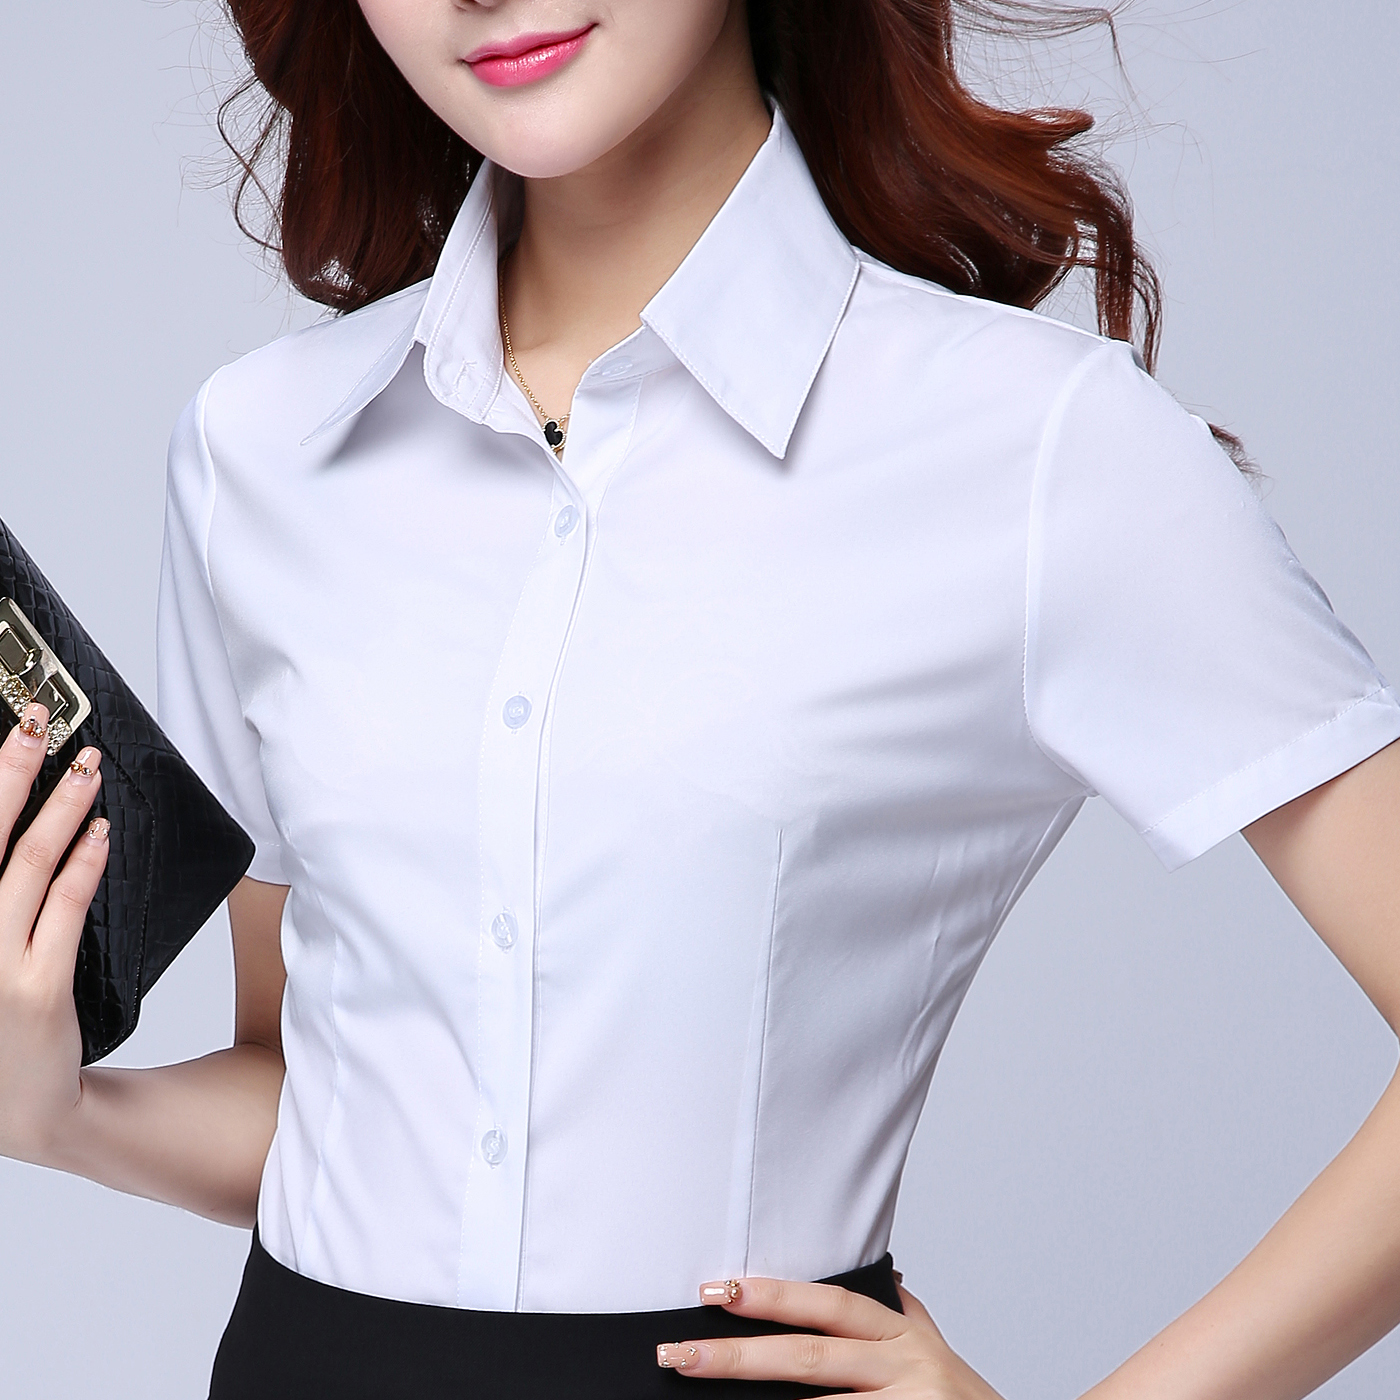 夏季雪纺大码短袖衬衫女上衣职业装衬衣正装工作服工装夏季半袖白